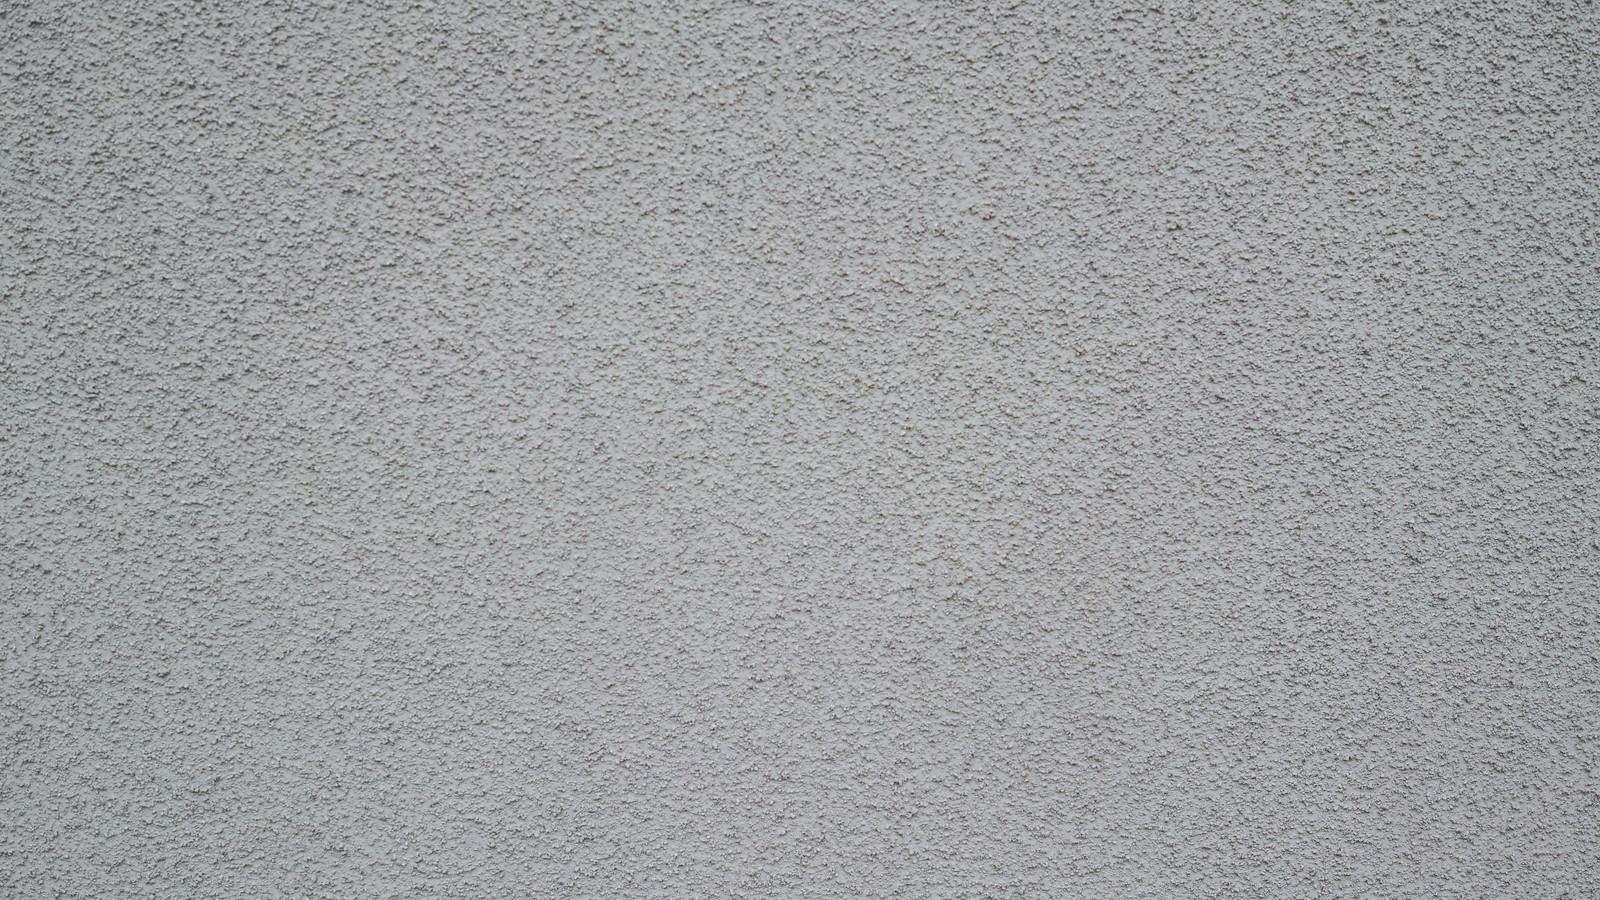 「ぶつぶつした細かな突起のあるコンクリ壁」の写真